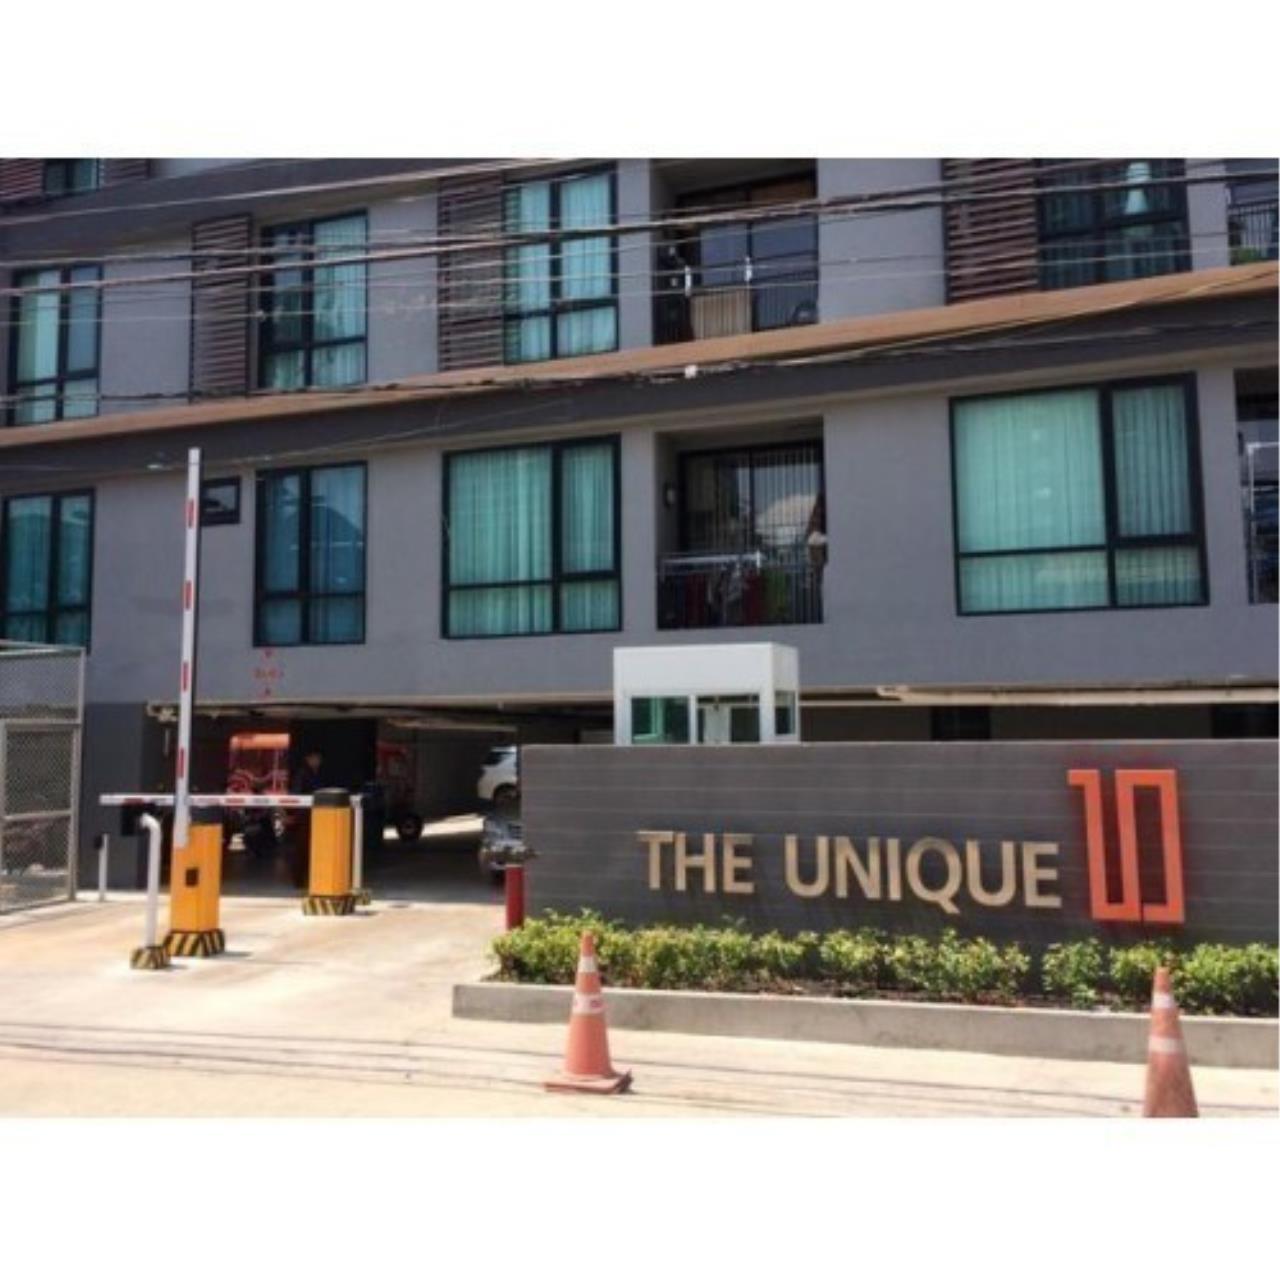 the unique ladprao 10 condo bangkok 595f51e69a24b847da0001b4_full